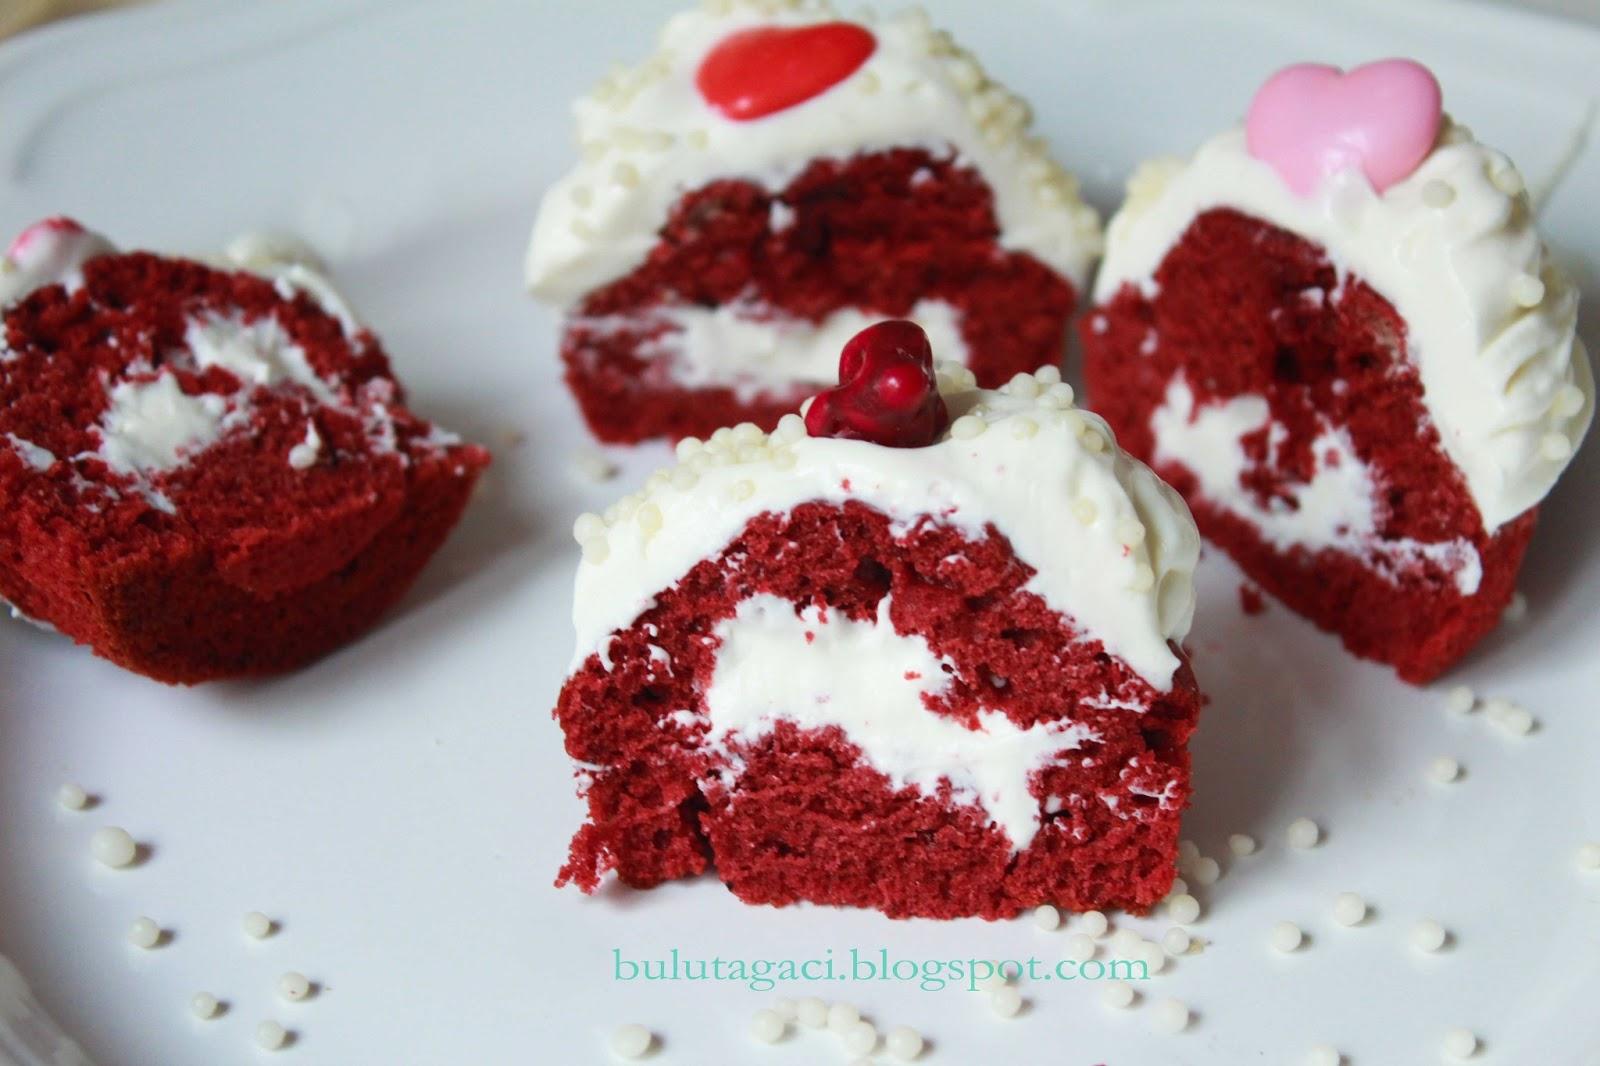 cupcake içi nasıl doldurulur, cupcake krema dolgu